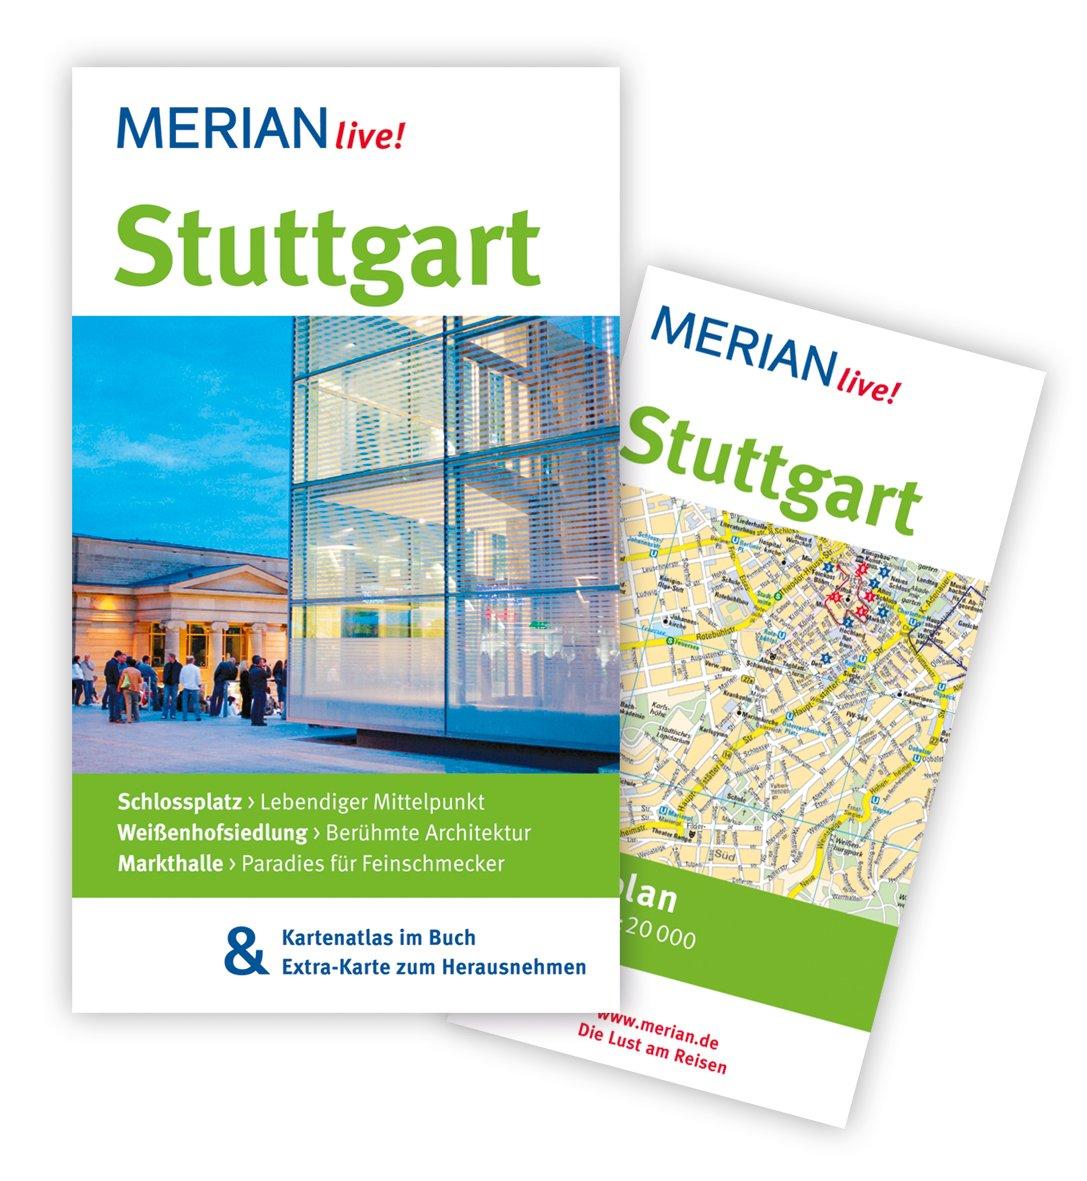 merian-live-reisefhrer-stuttgart-merian-live-mit-kartenatlas-im-buch-und-extra-karte-zum-herausnehmen